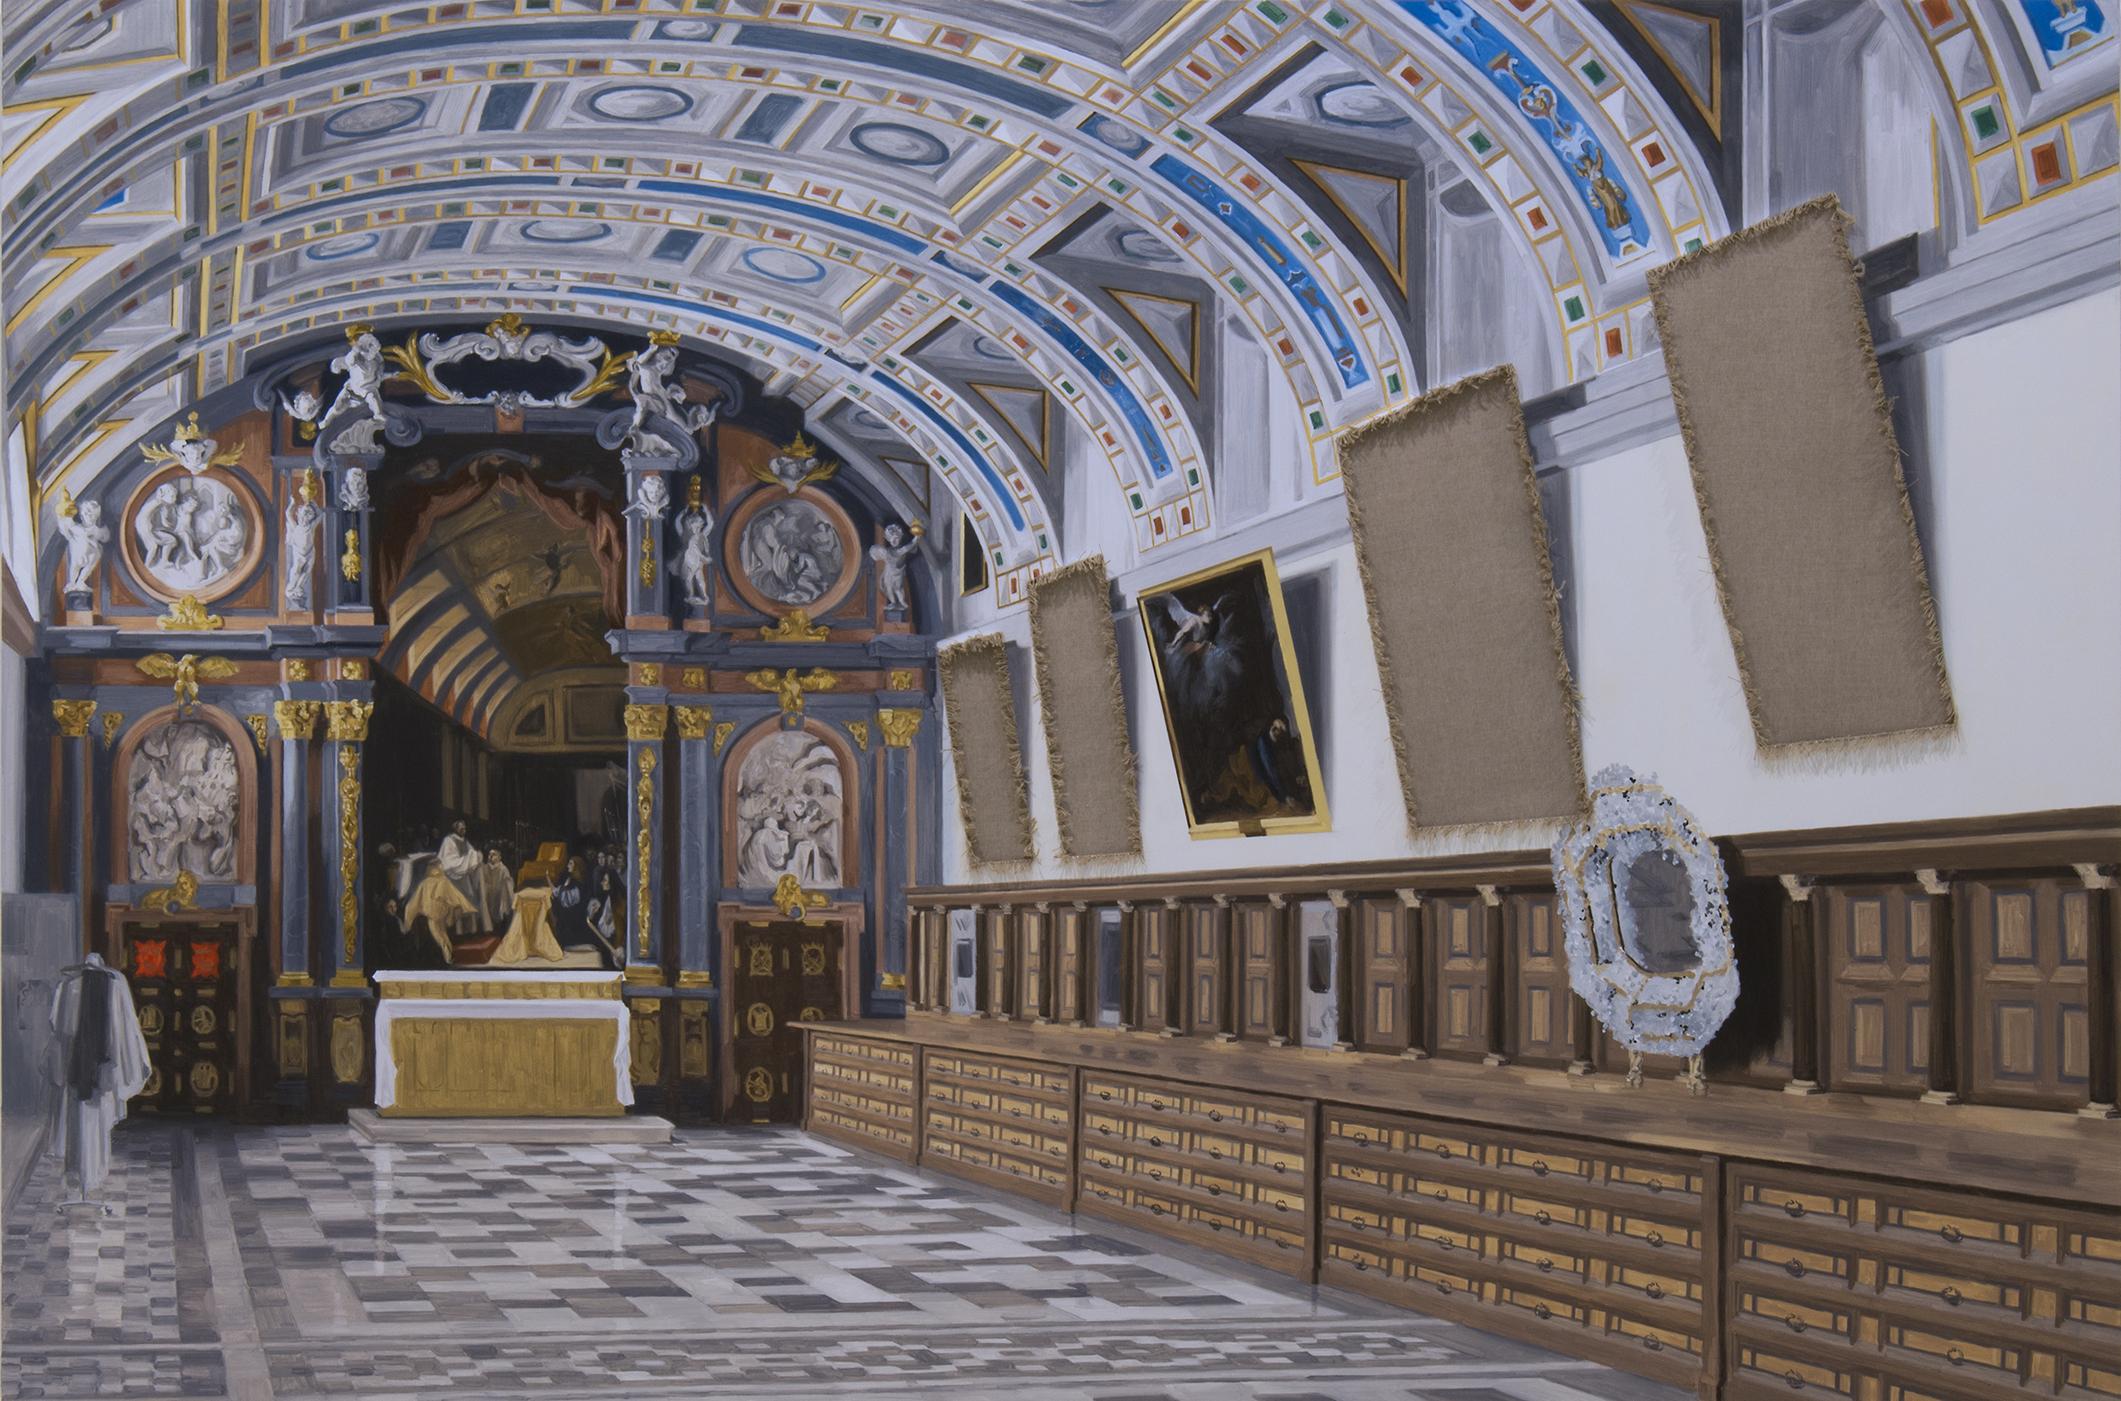 Sustracción en la sacristía del Monasterio de El Escorial (Alonso Cano y Tiziano). Óleo sobre lienzo. 130 x 195 cm.